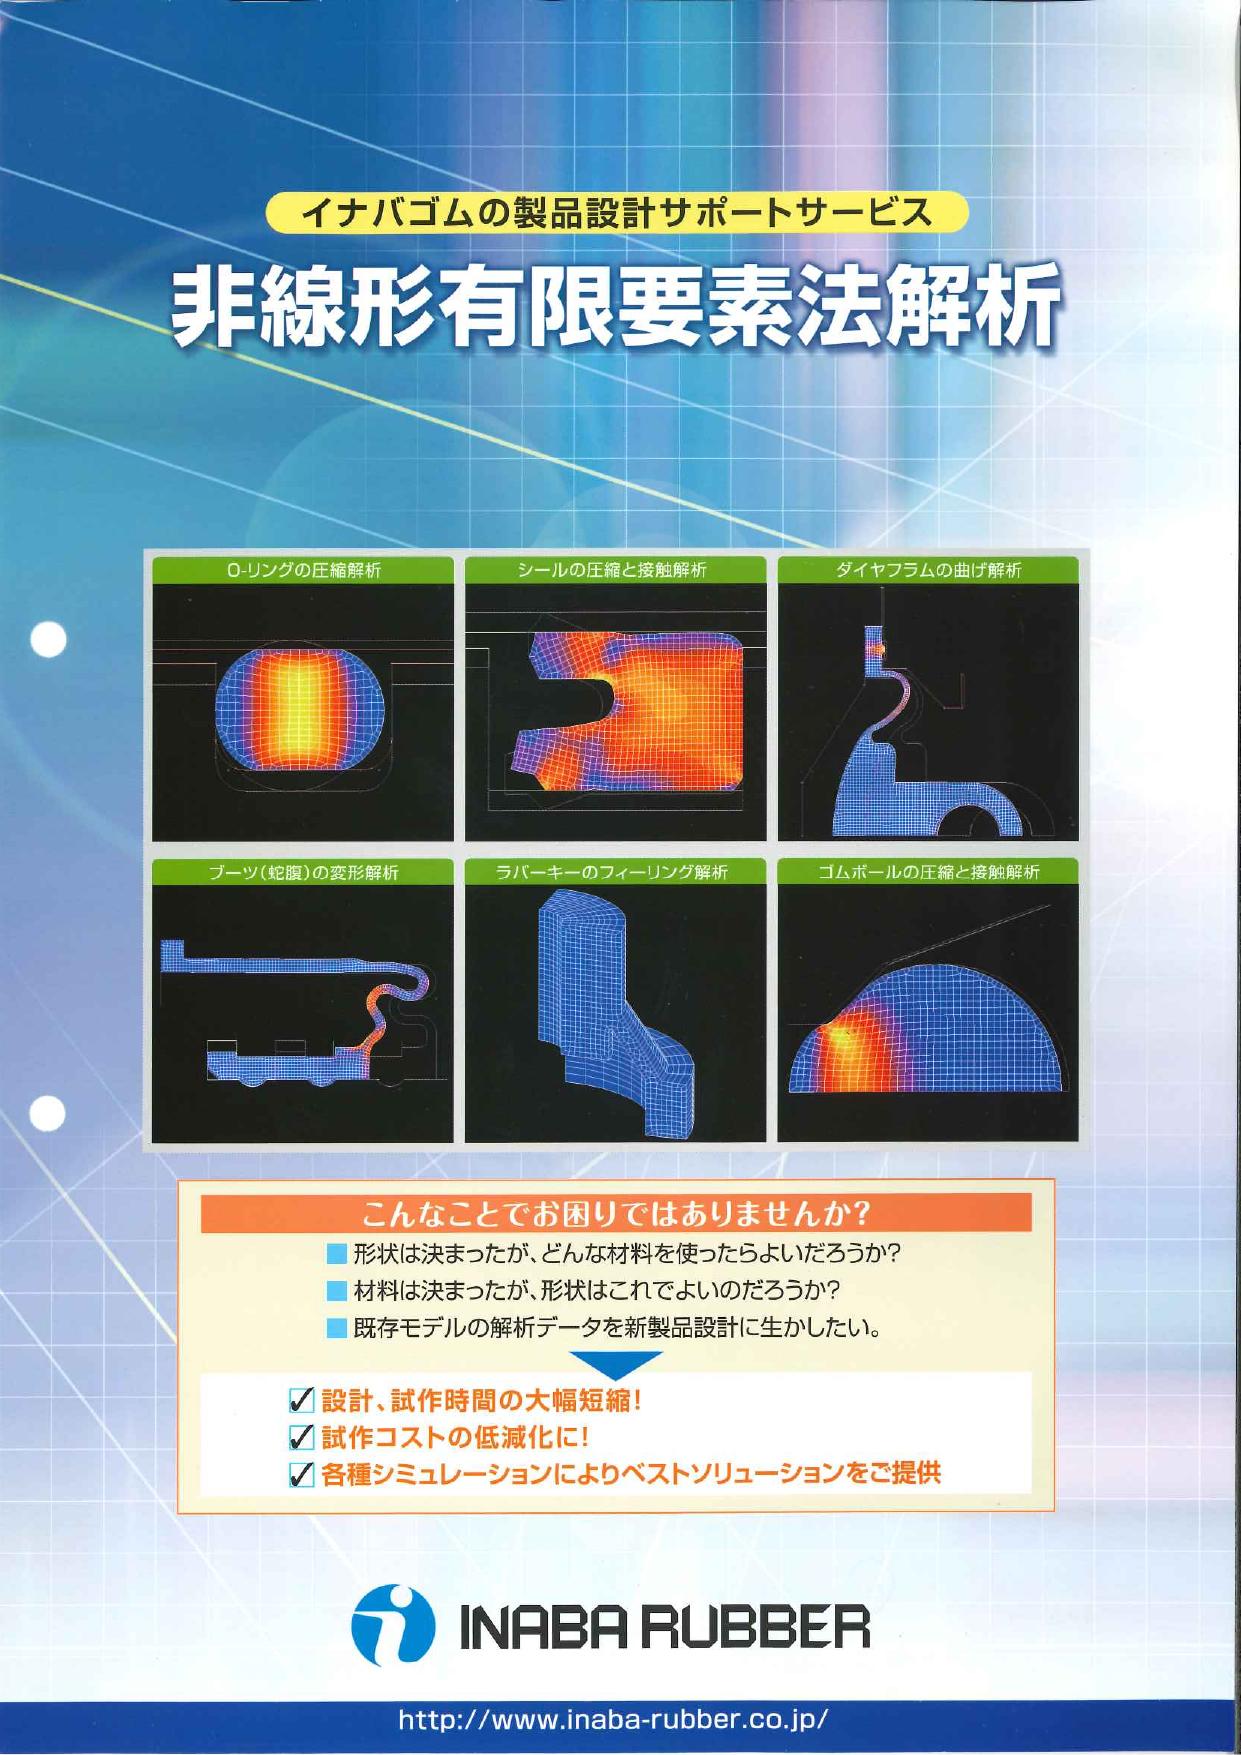 イナバゴムの製品設計サポートサービス FEM解析システム(非線形有限要素法解析)